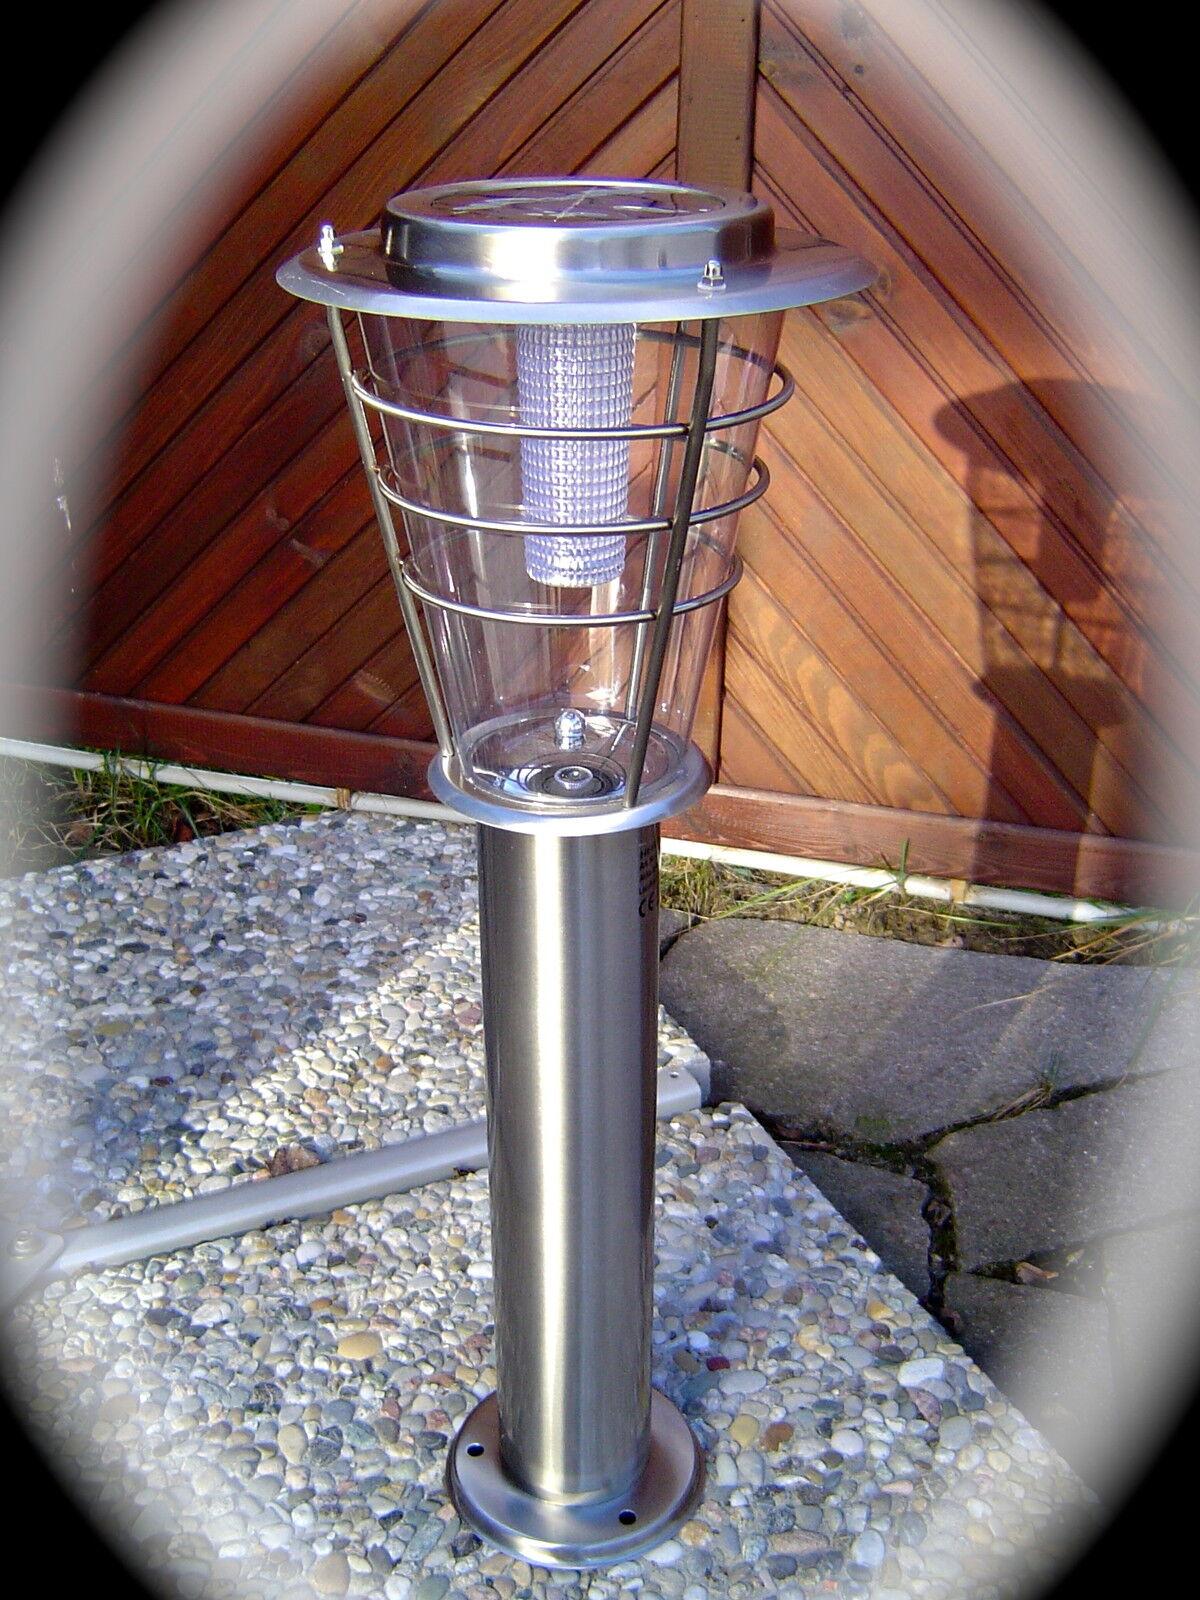 Di alta qualità 60 cm acciaio inox lampada solare con 6 LED Lampada da giardino terrazza 190